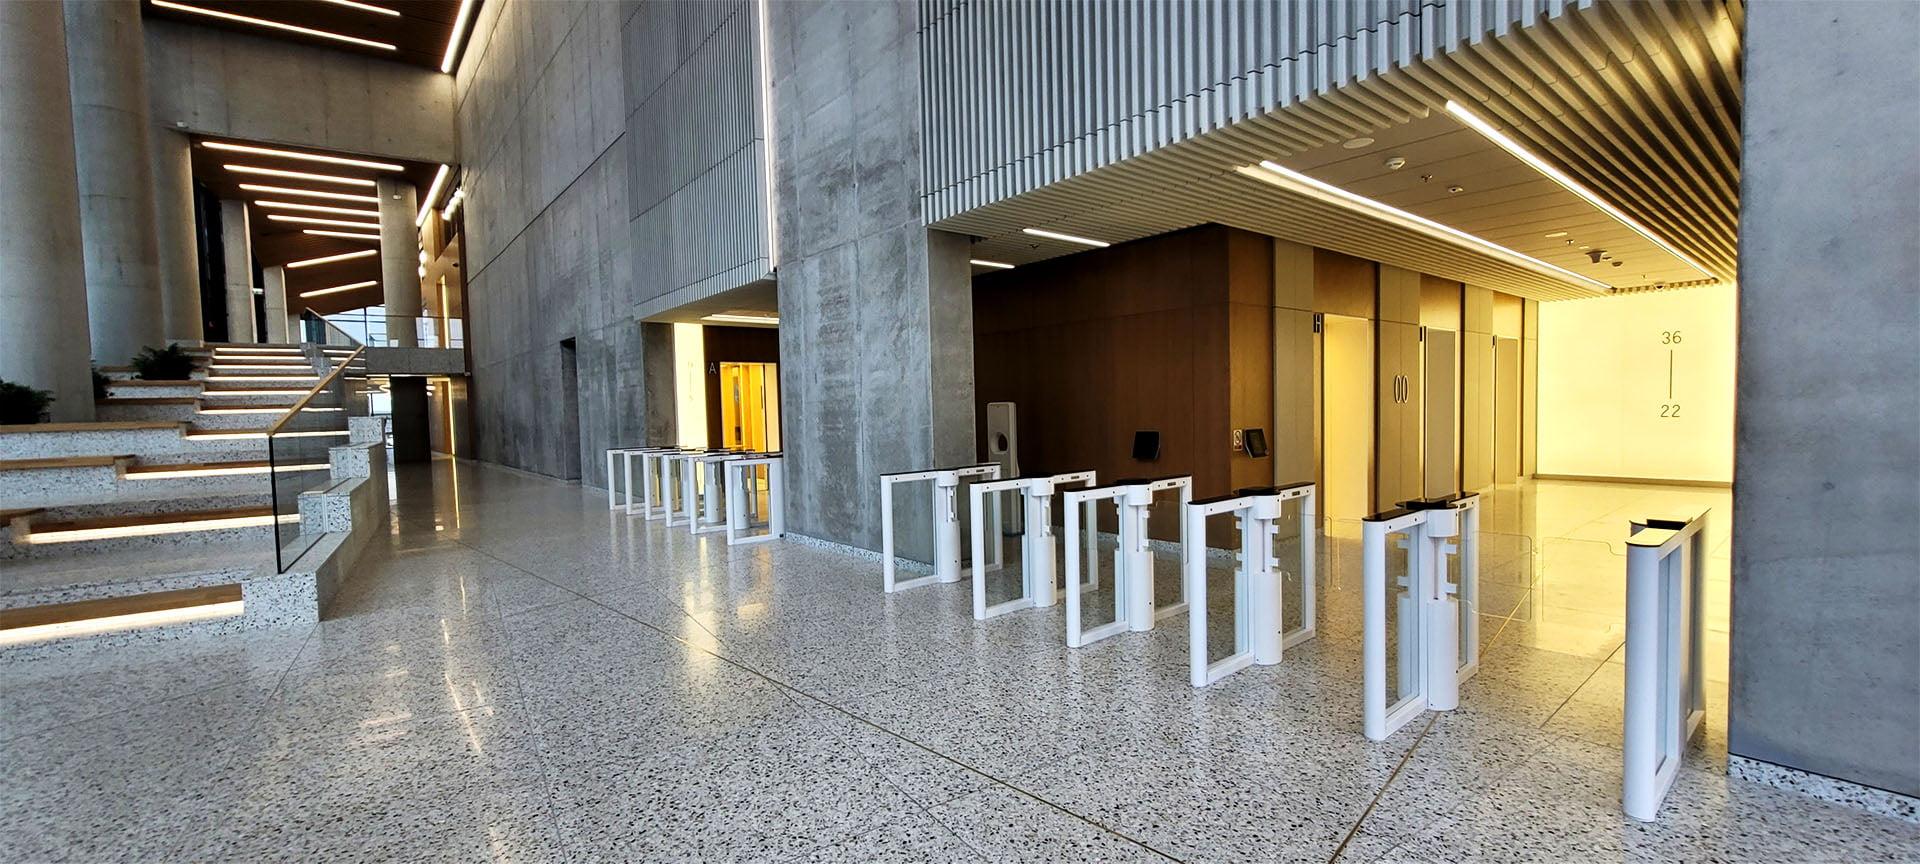 SG-3 optical turnstiles installed in Skyliner Skyscraper